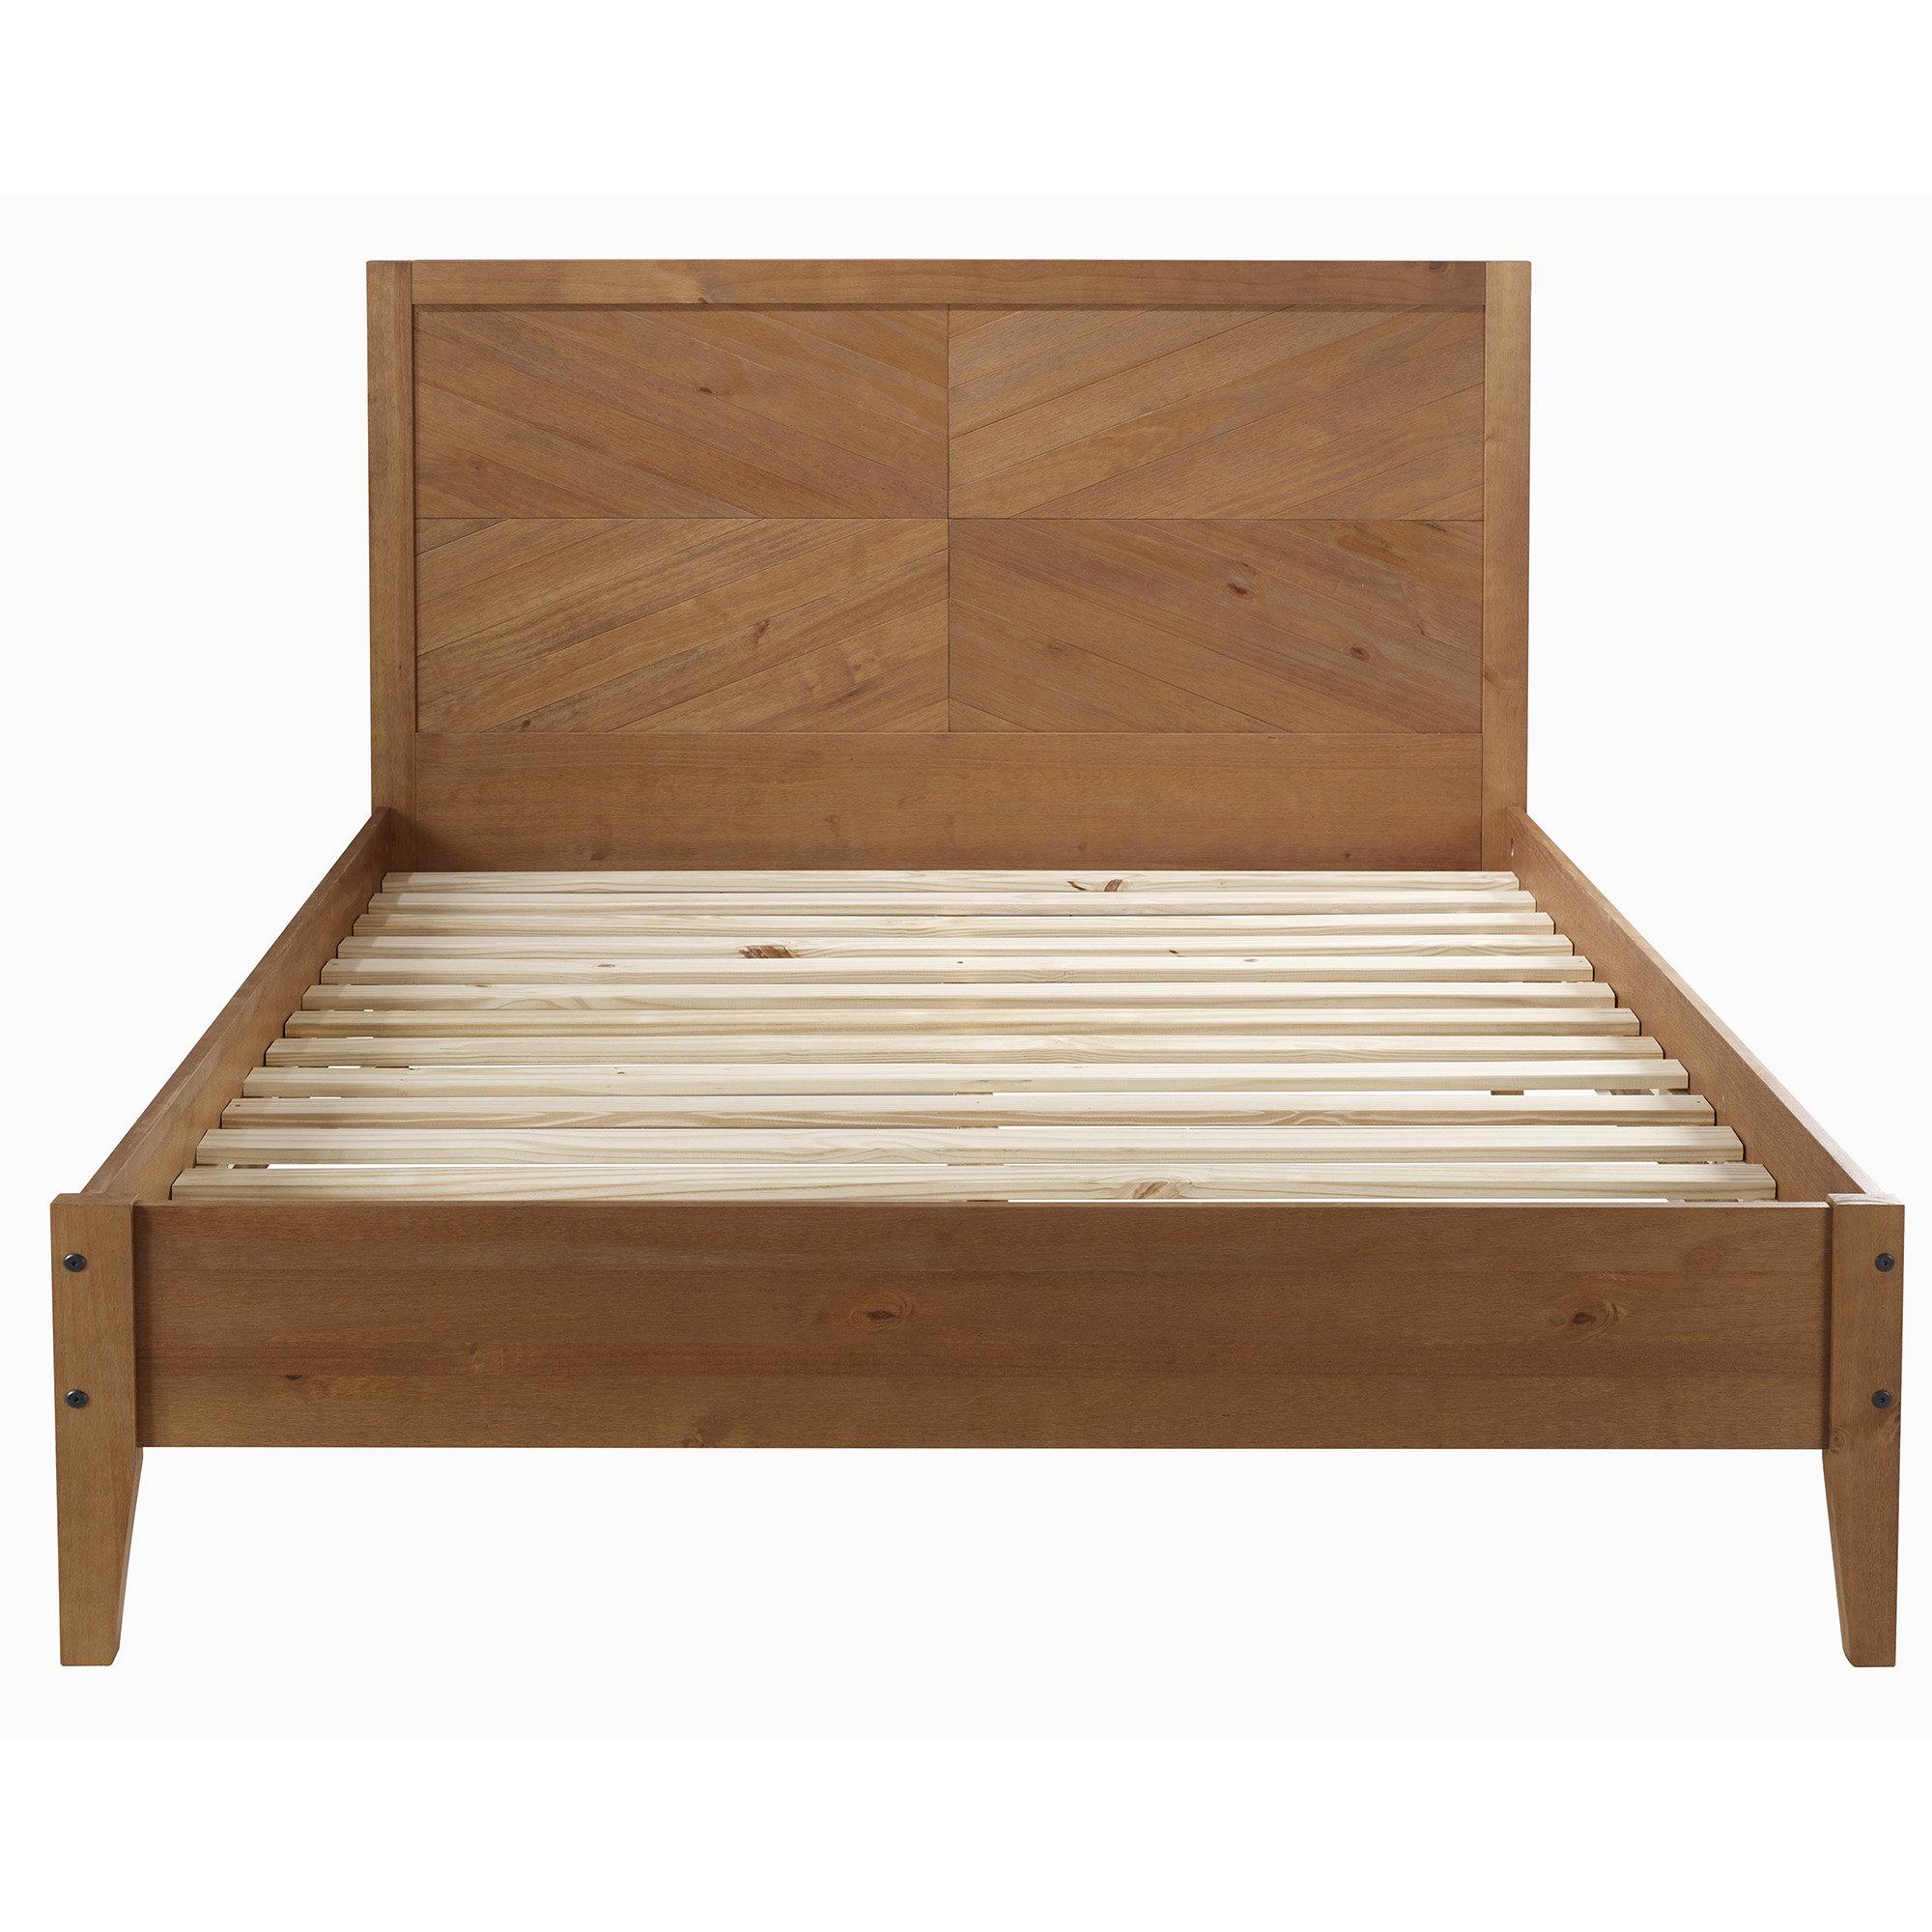 Steve Solid Wood Queen Platform Bed